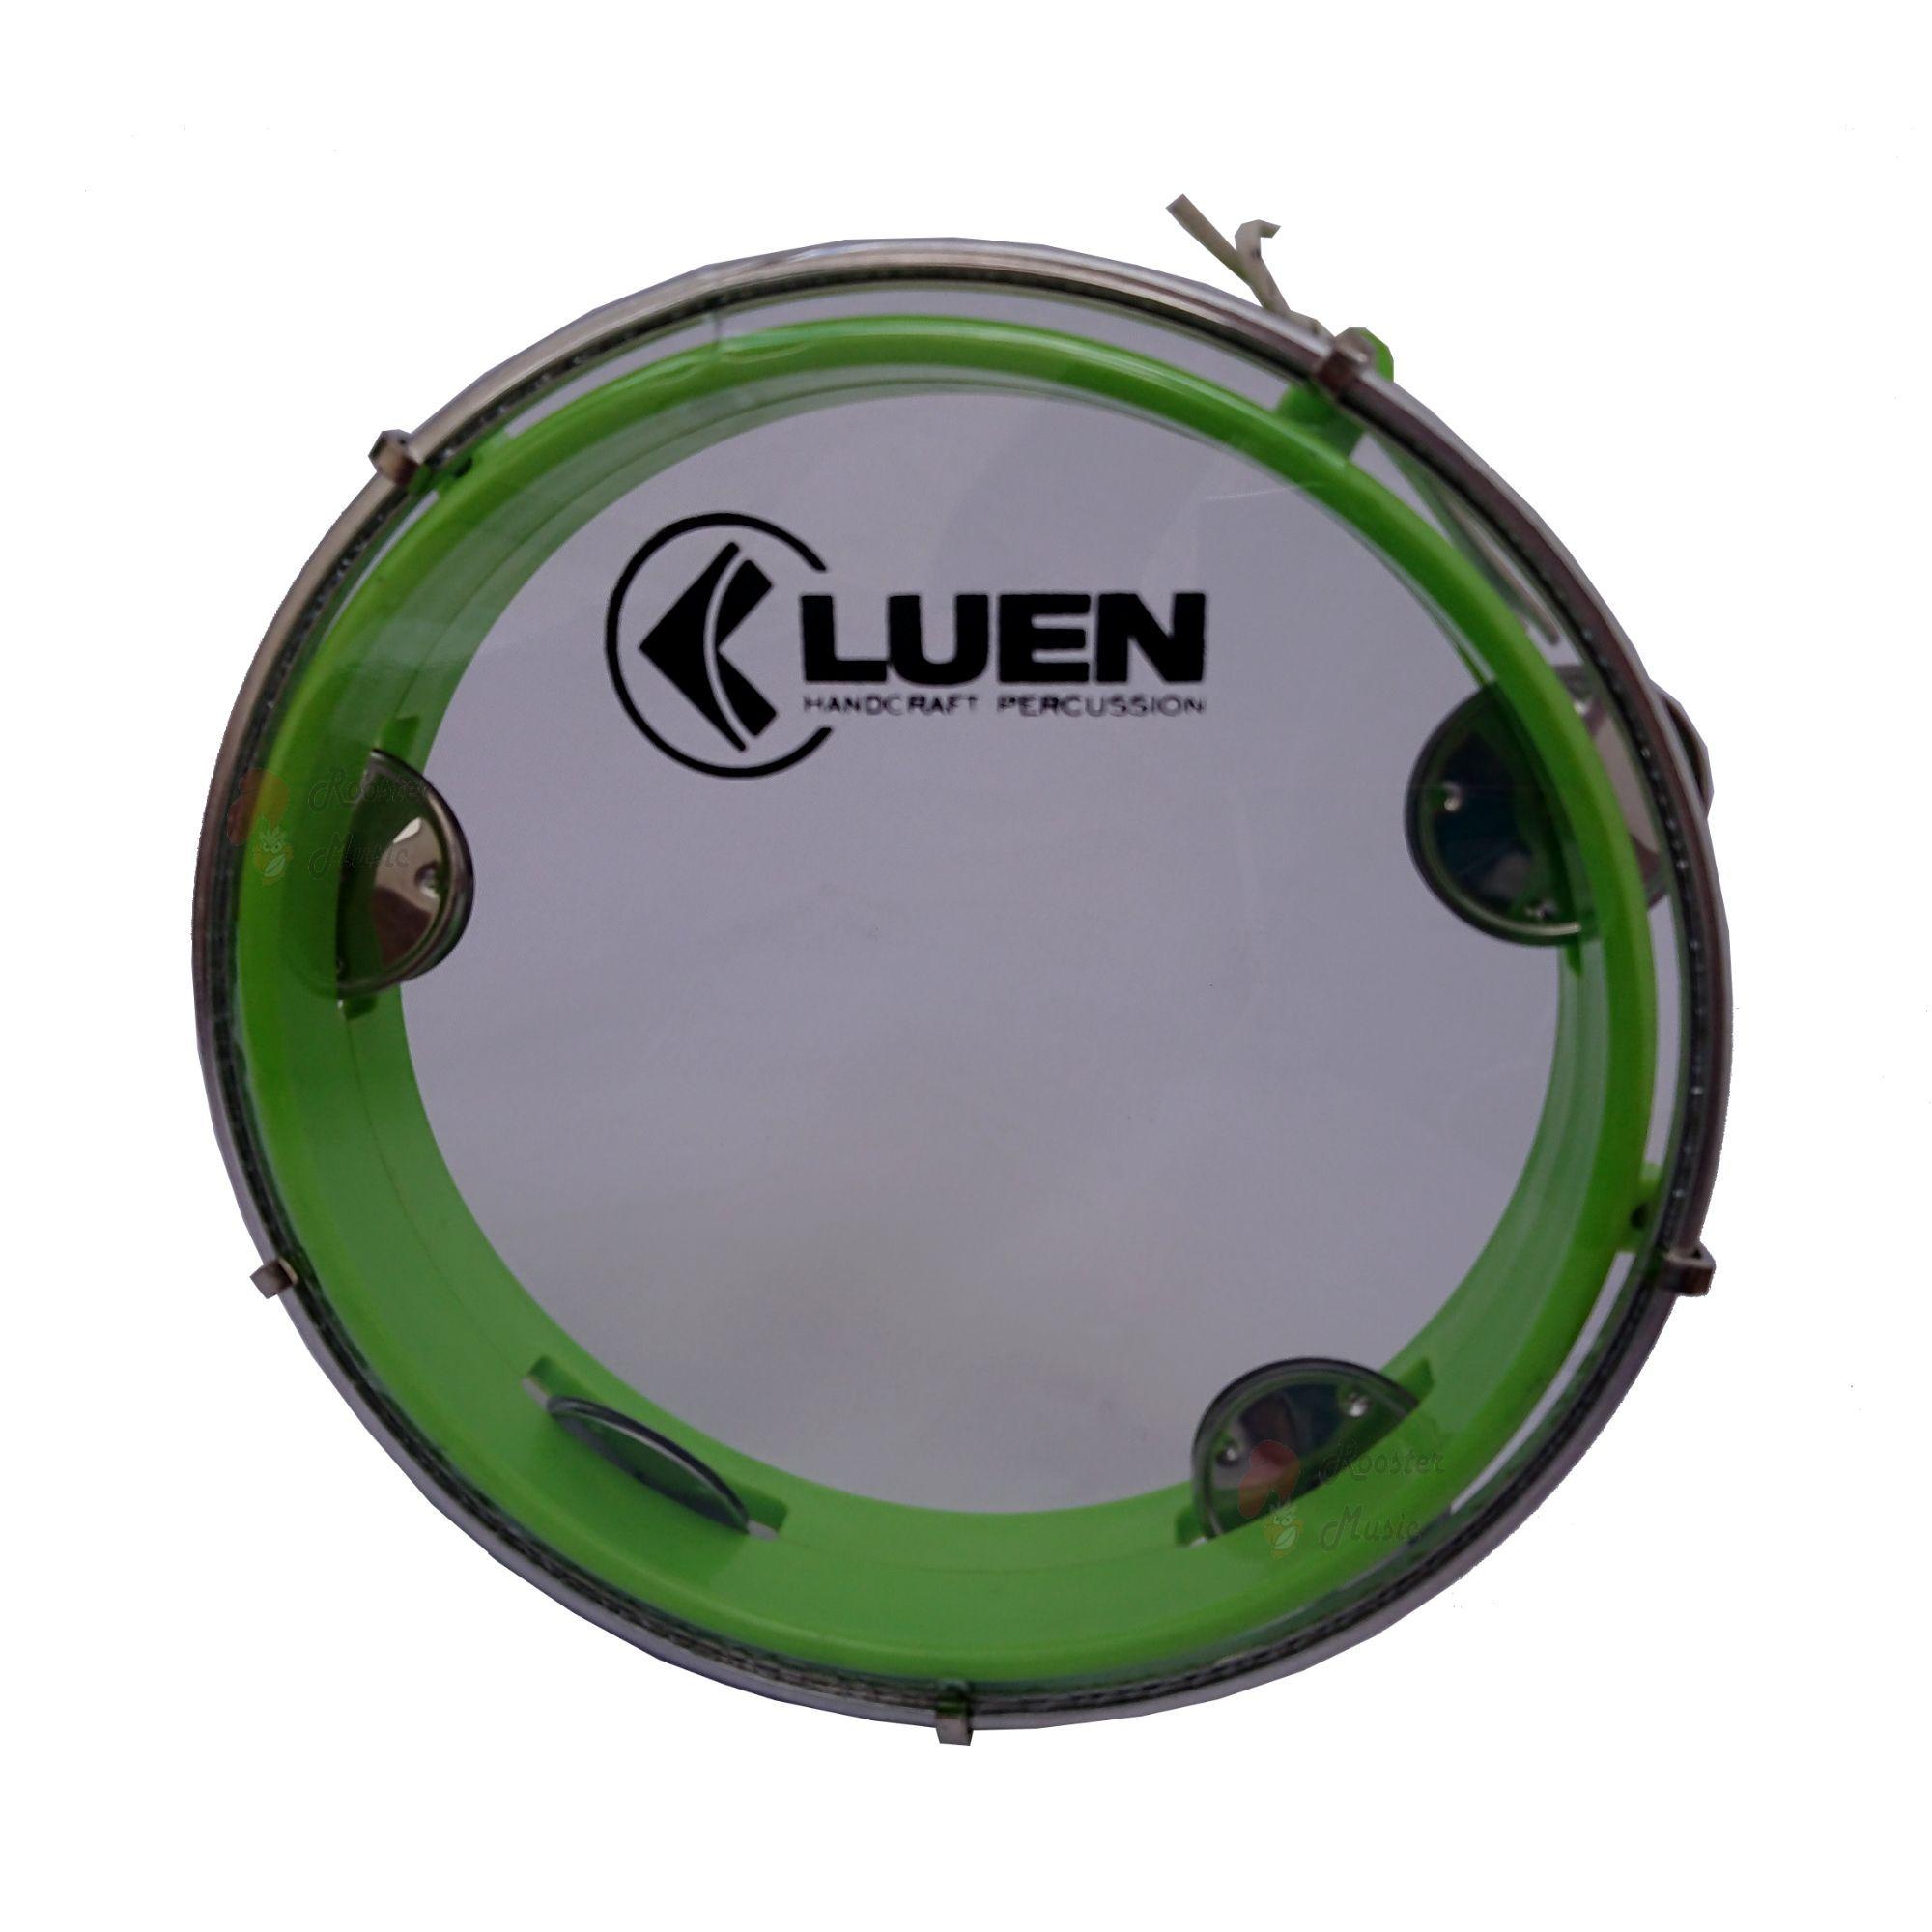 Pandeiro Luen 8 Junior Aro Abs Verde, Pele Cristal e plat inox. Brinquedo com qualidade profissional